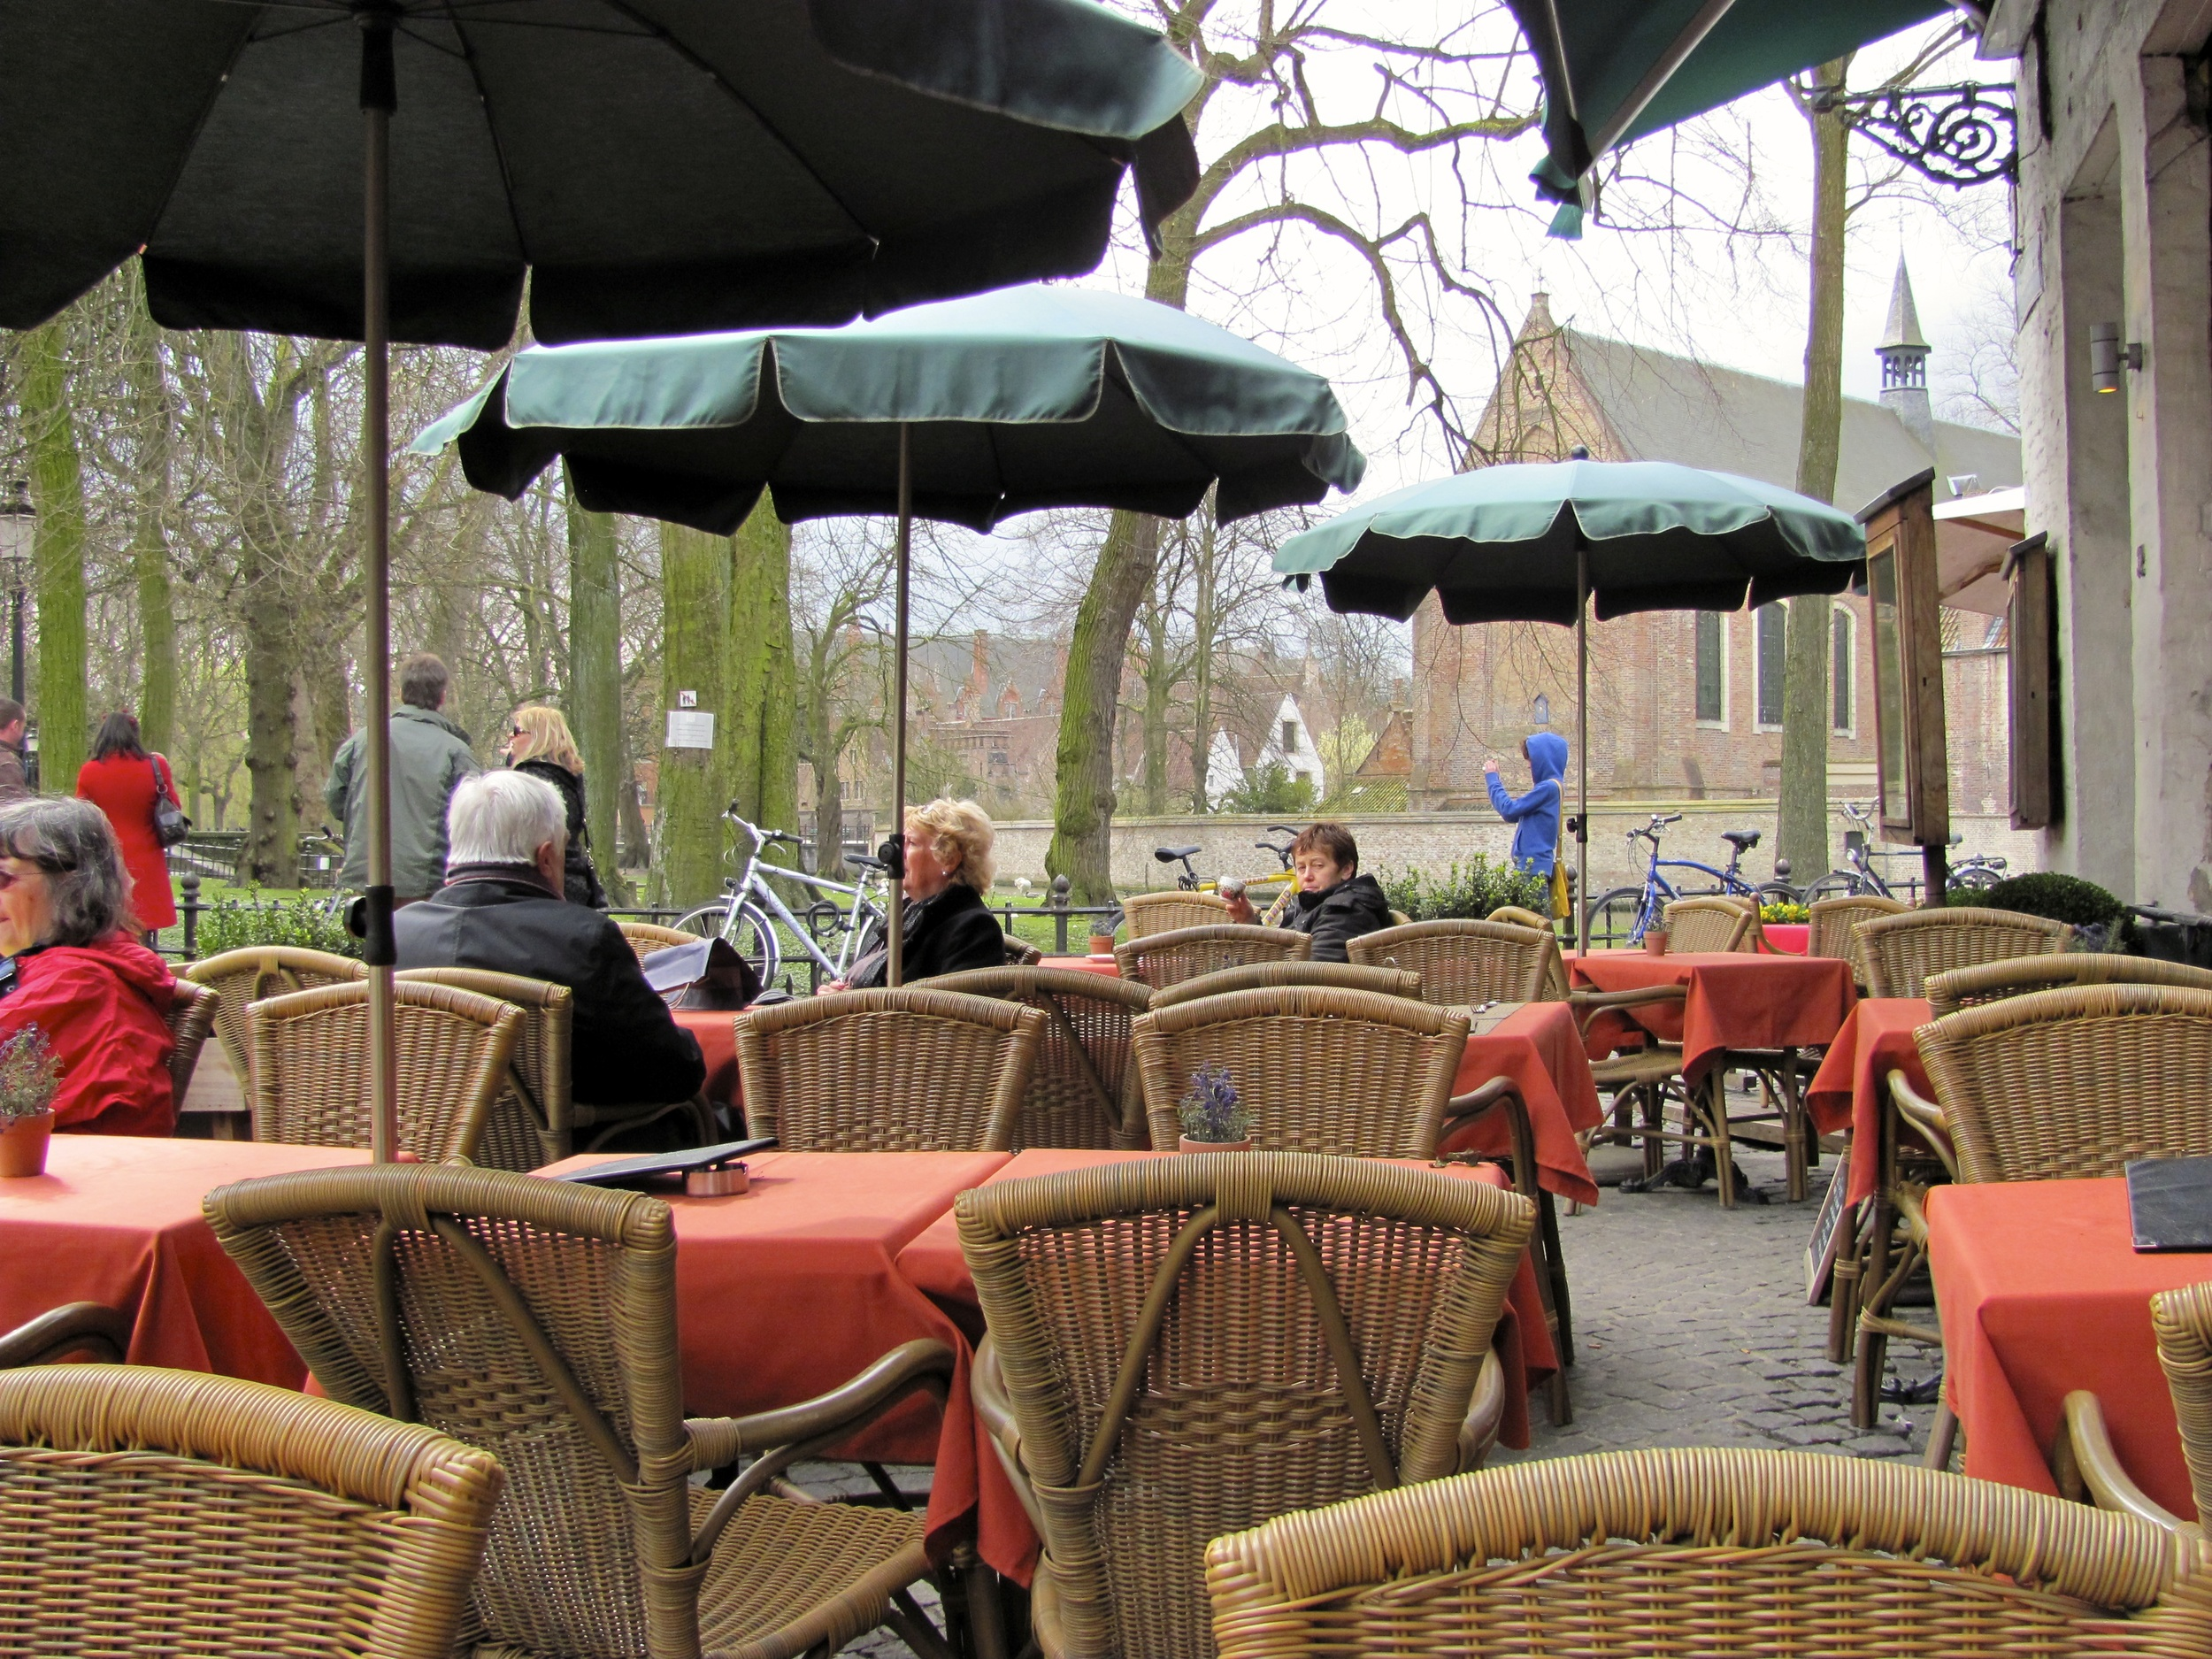 Restaurant and square, Bruges, Belgium, VHS 2010